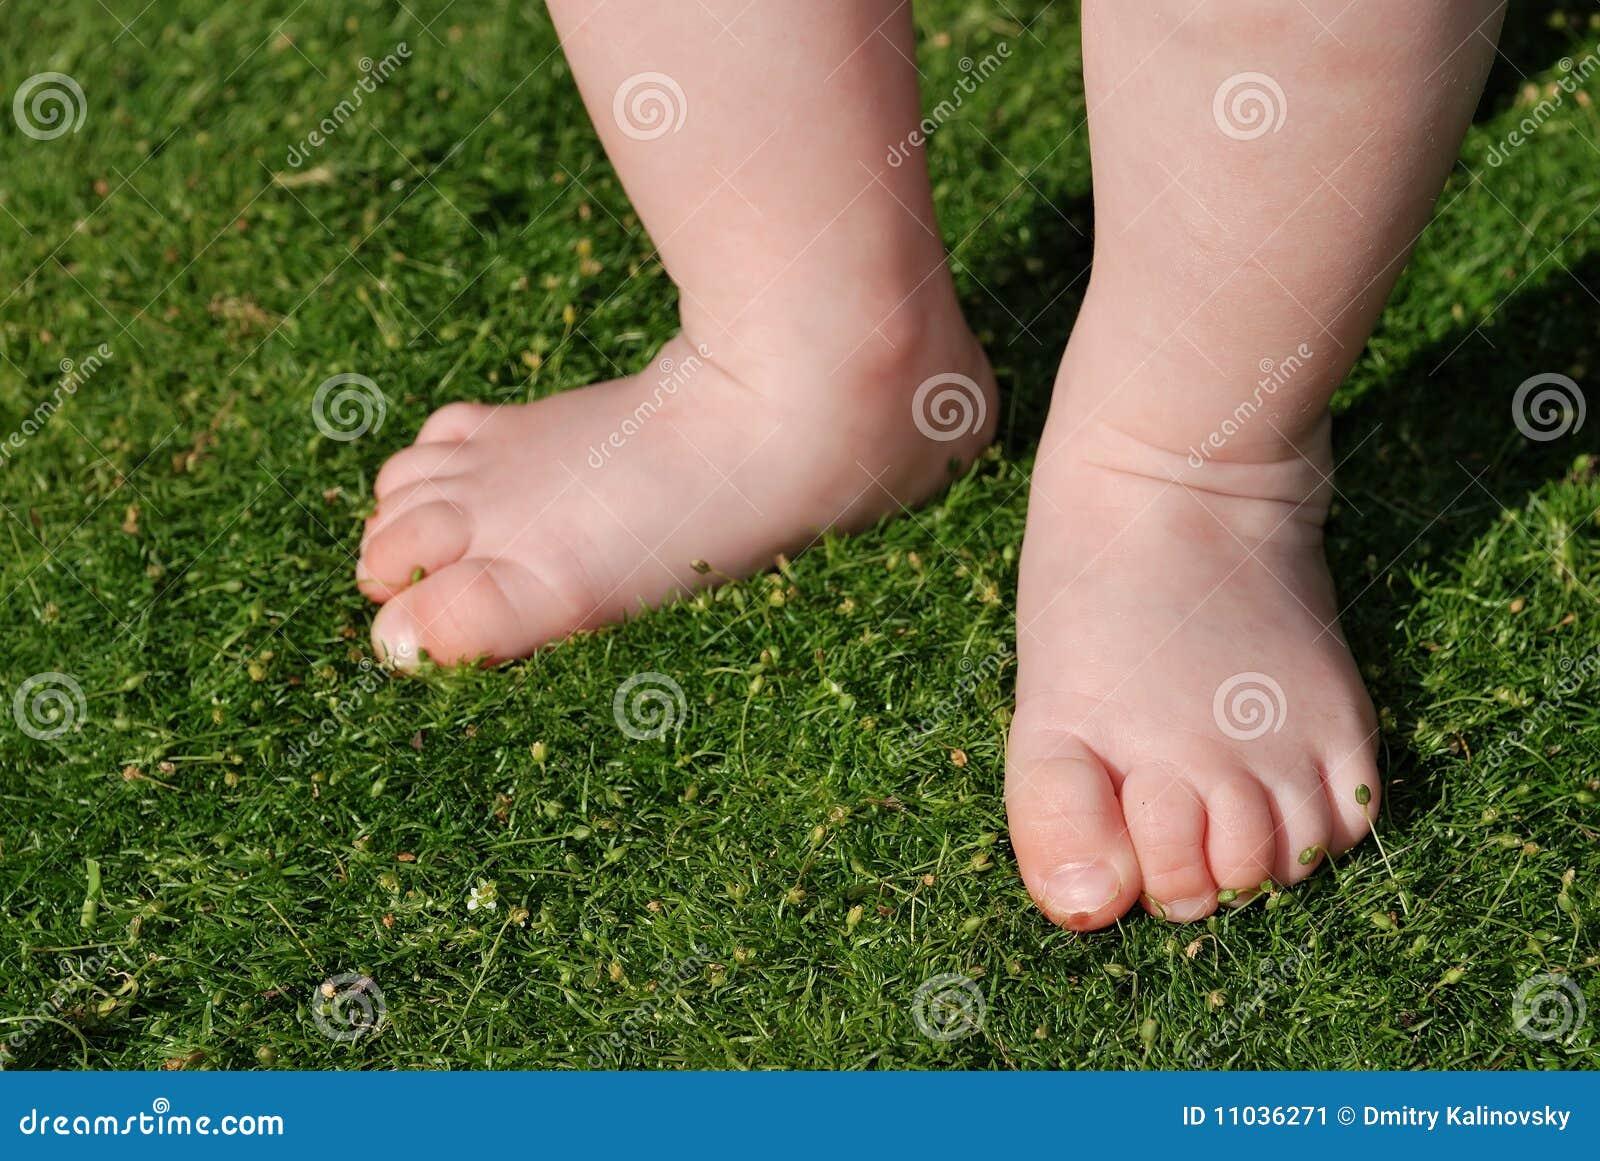 Проблемы со стопами ног у детей фото